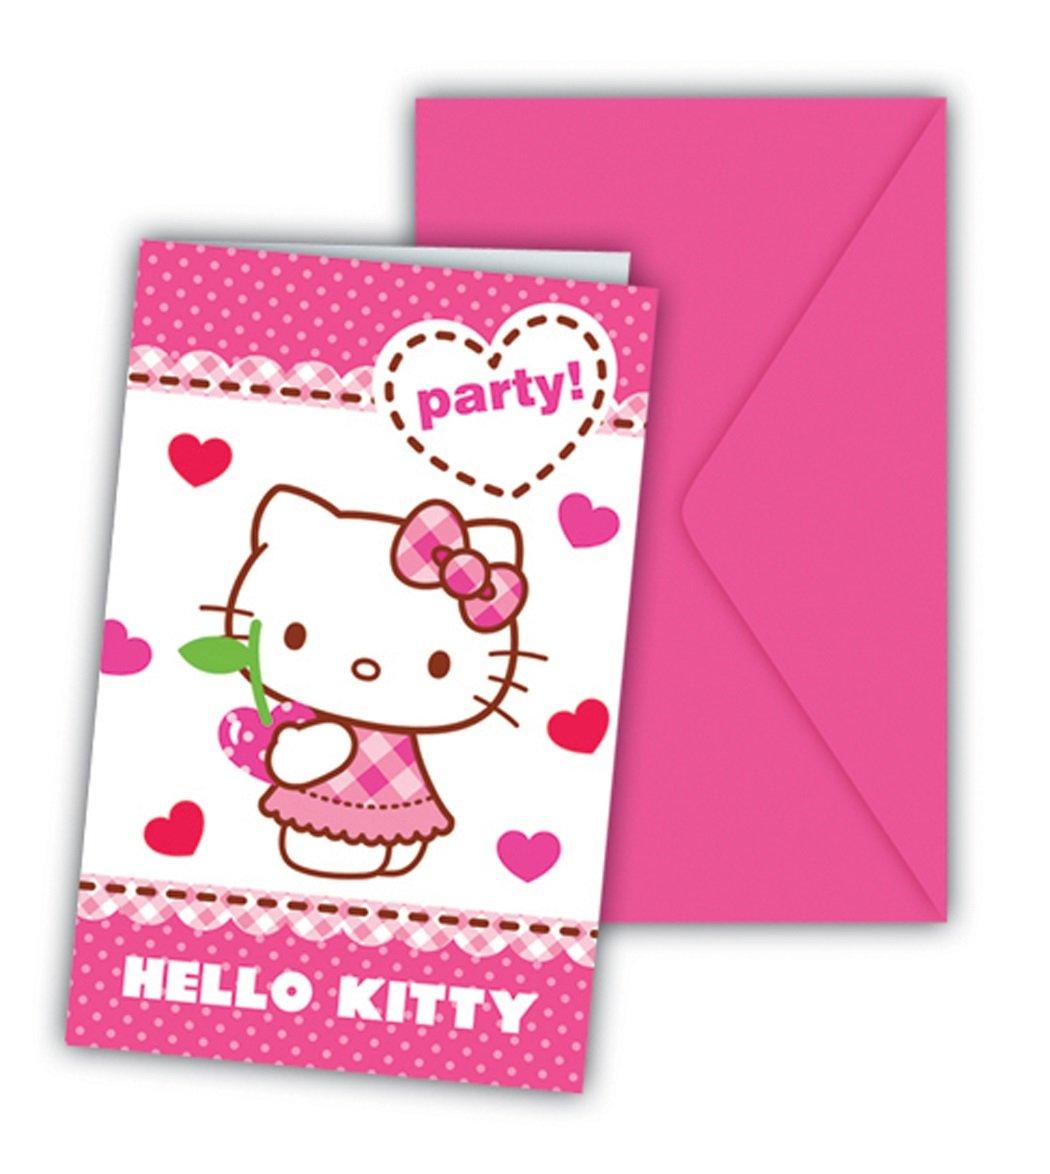 Procos Hello Kitty Einladungskarten Envelop: Amazon.de: Computer U0026 Zubehör